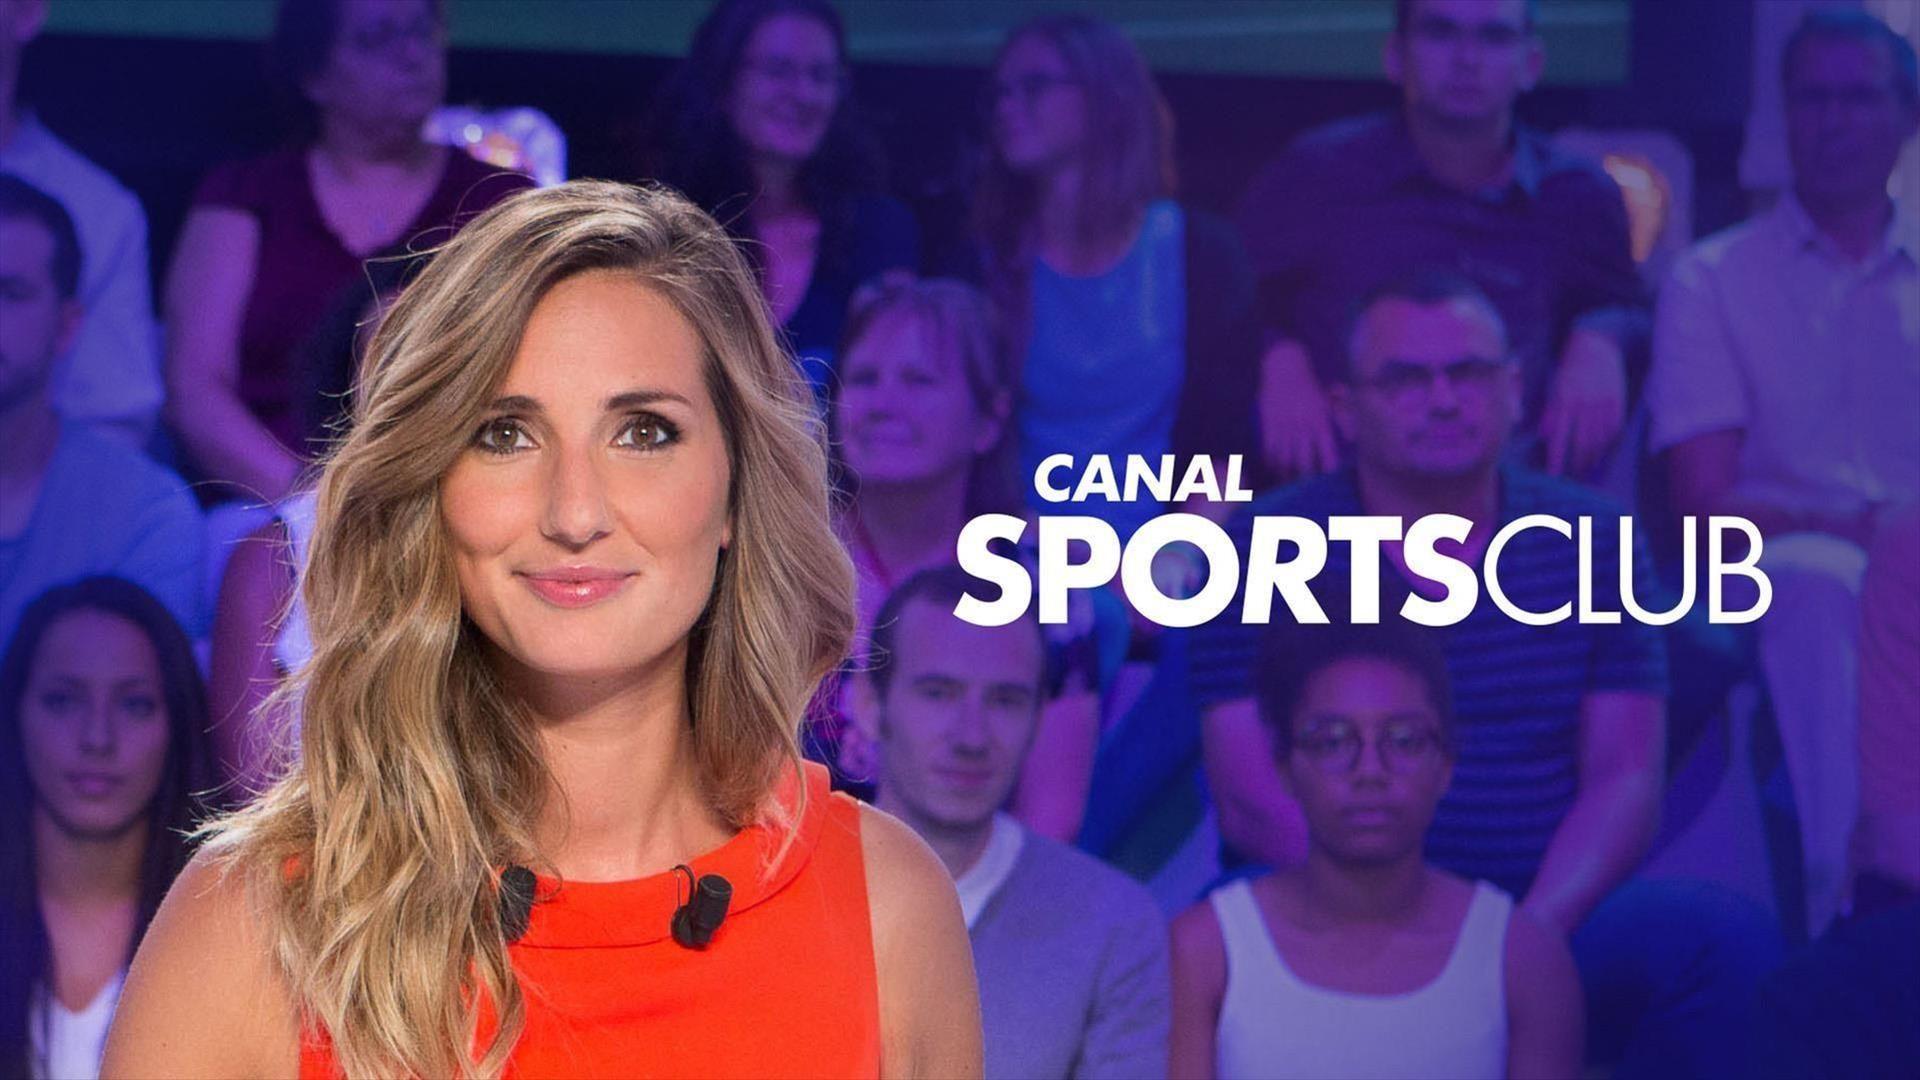 Canal sports club du 20/02